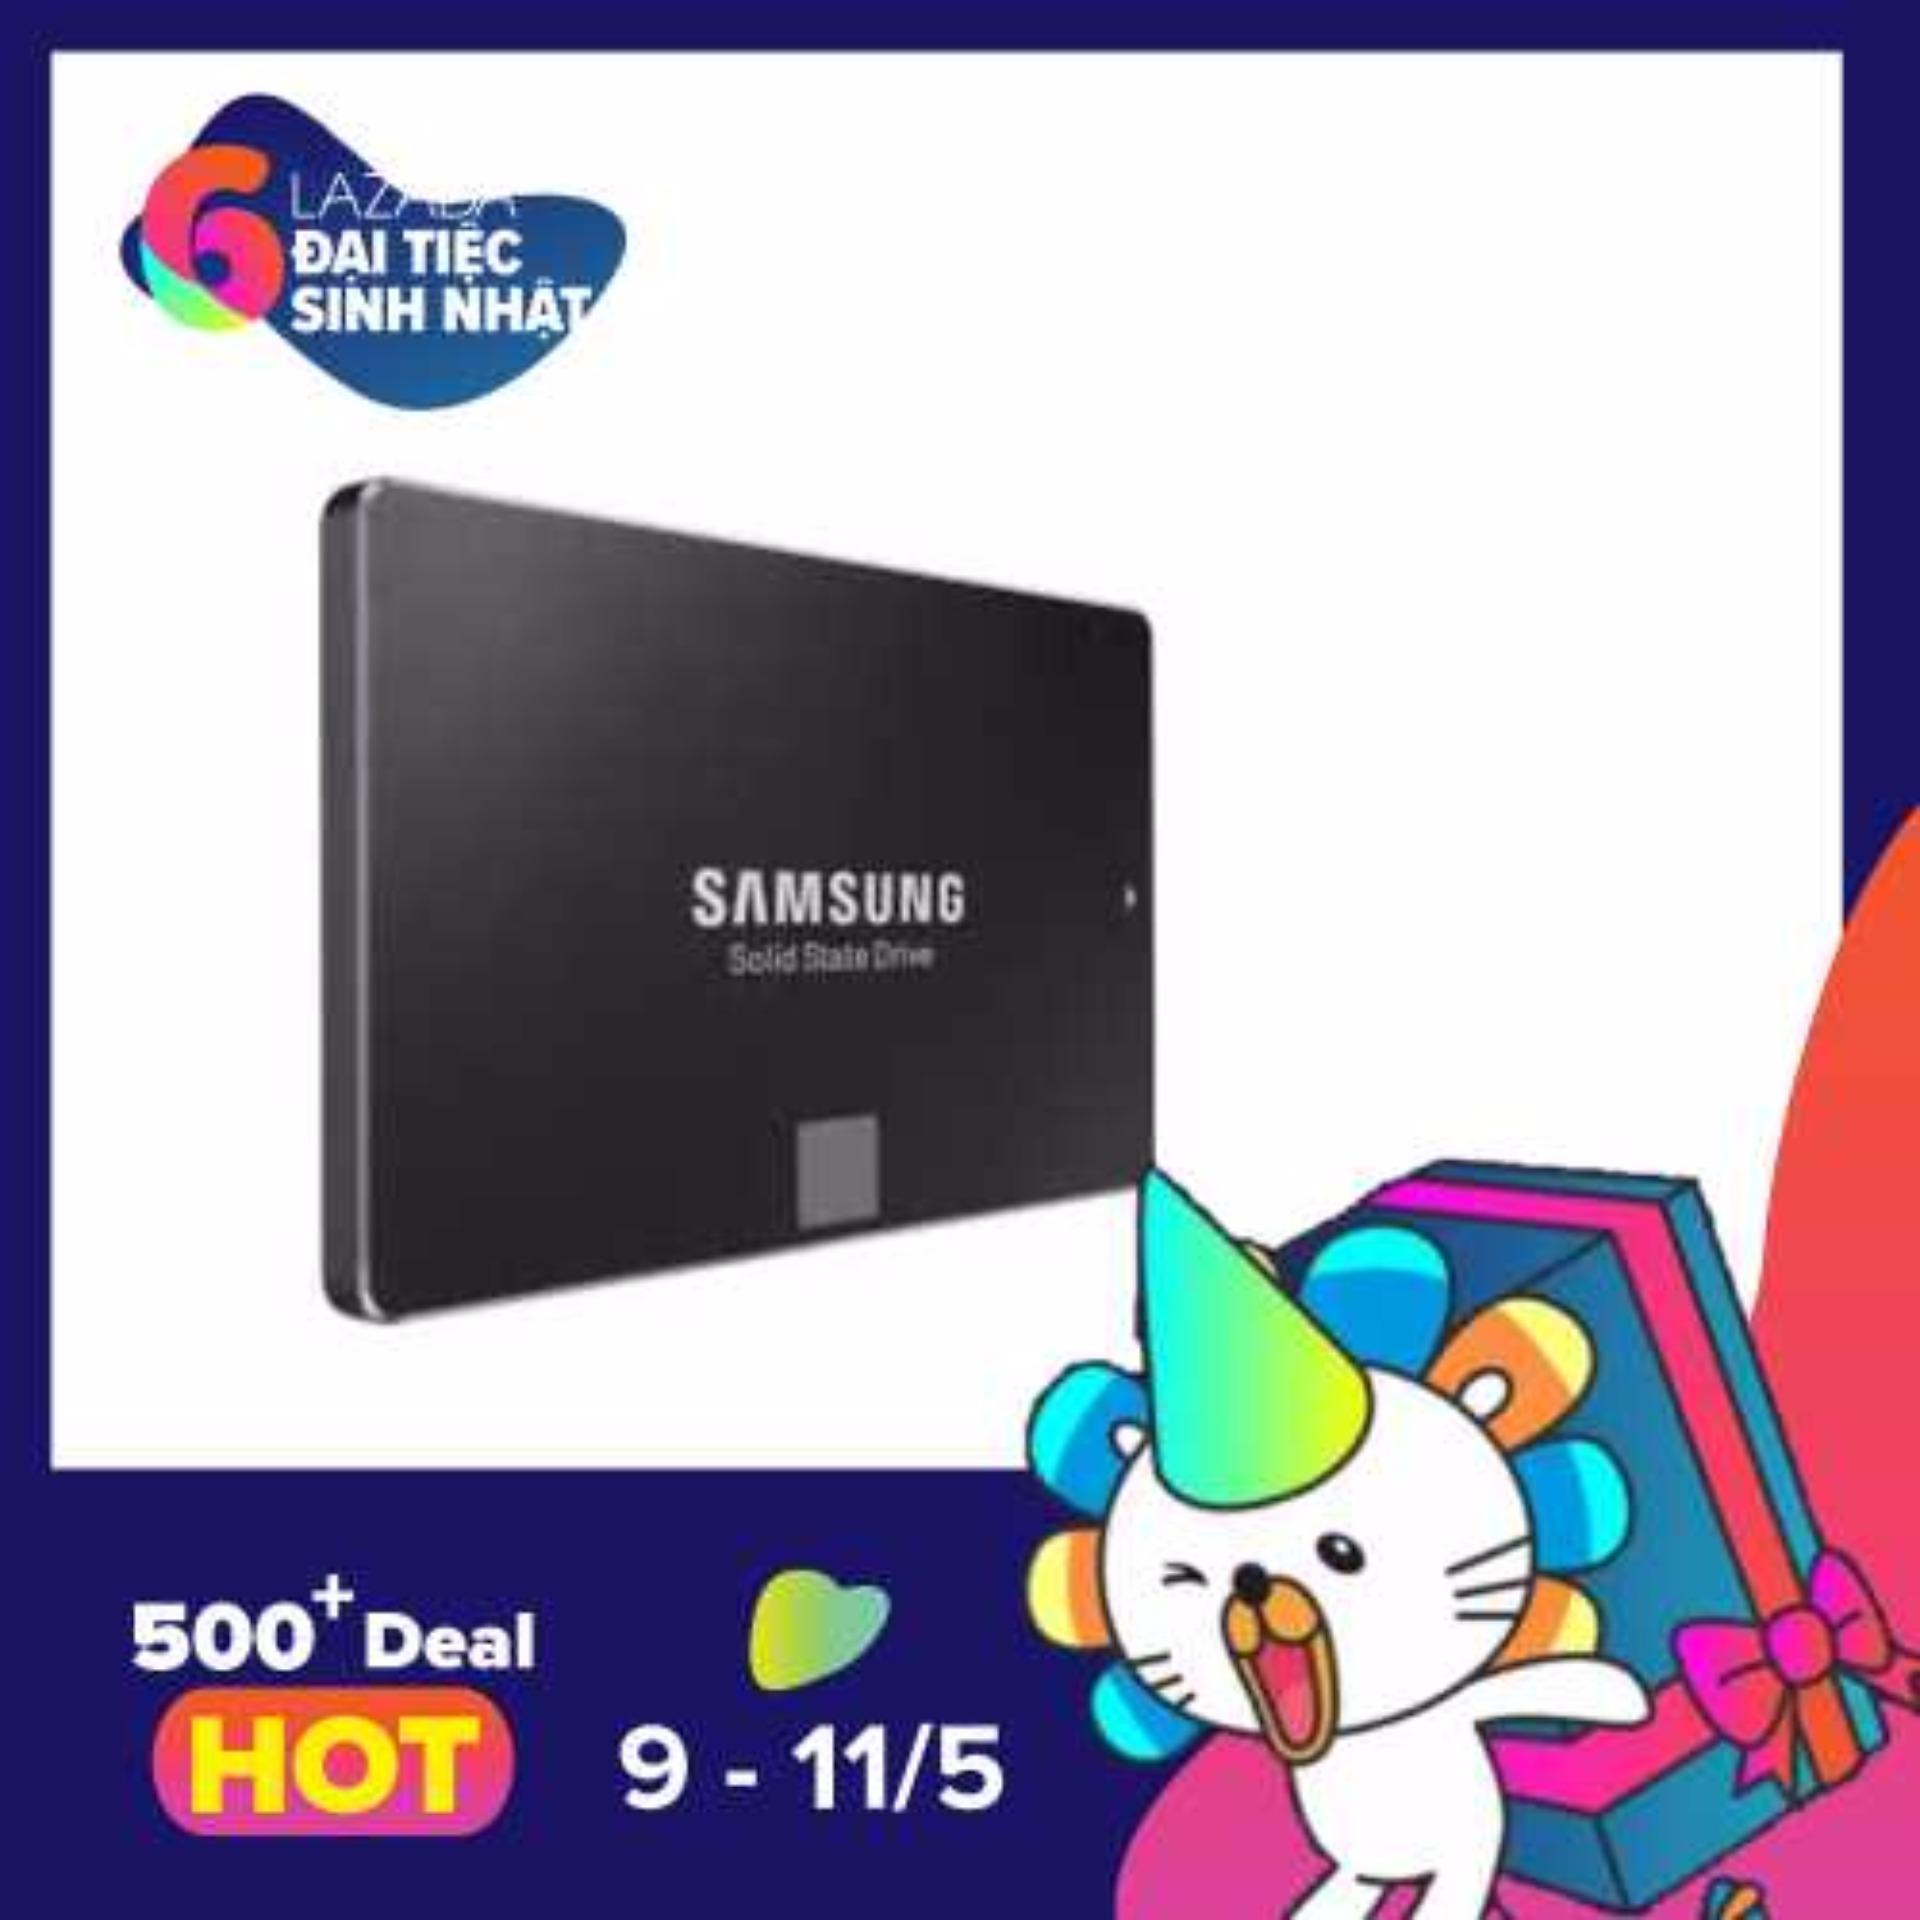 Cửa Hàng Ổ Cứng Gắn Trong Ssd Samsung 850 Evo Sata Iii 120Gb Fullbox Chinh Hang Hà Nội